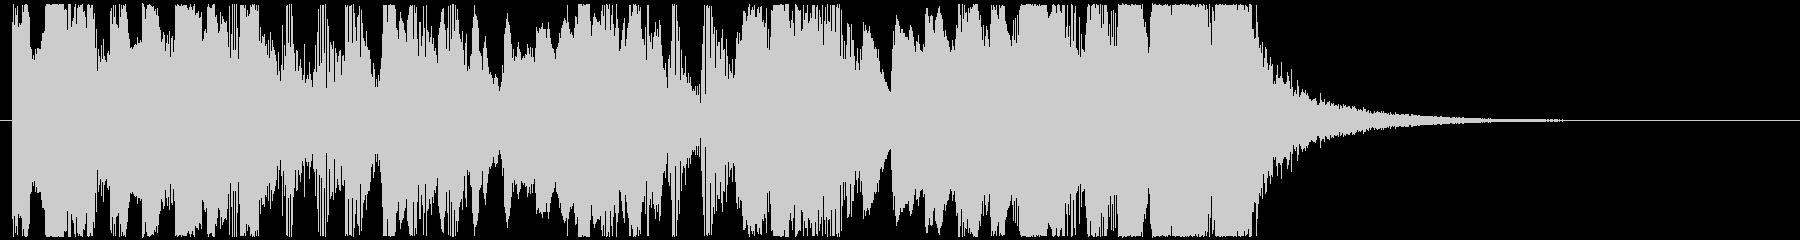 CM 変なファンファーレ No1の未再生の波形